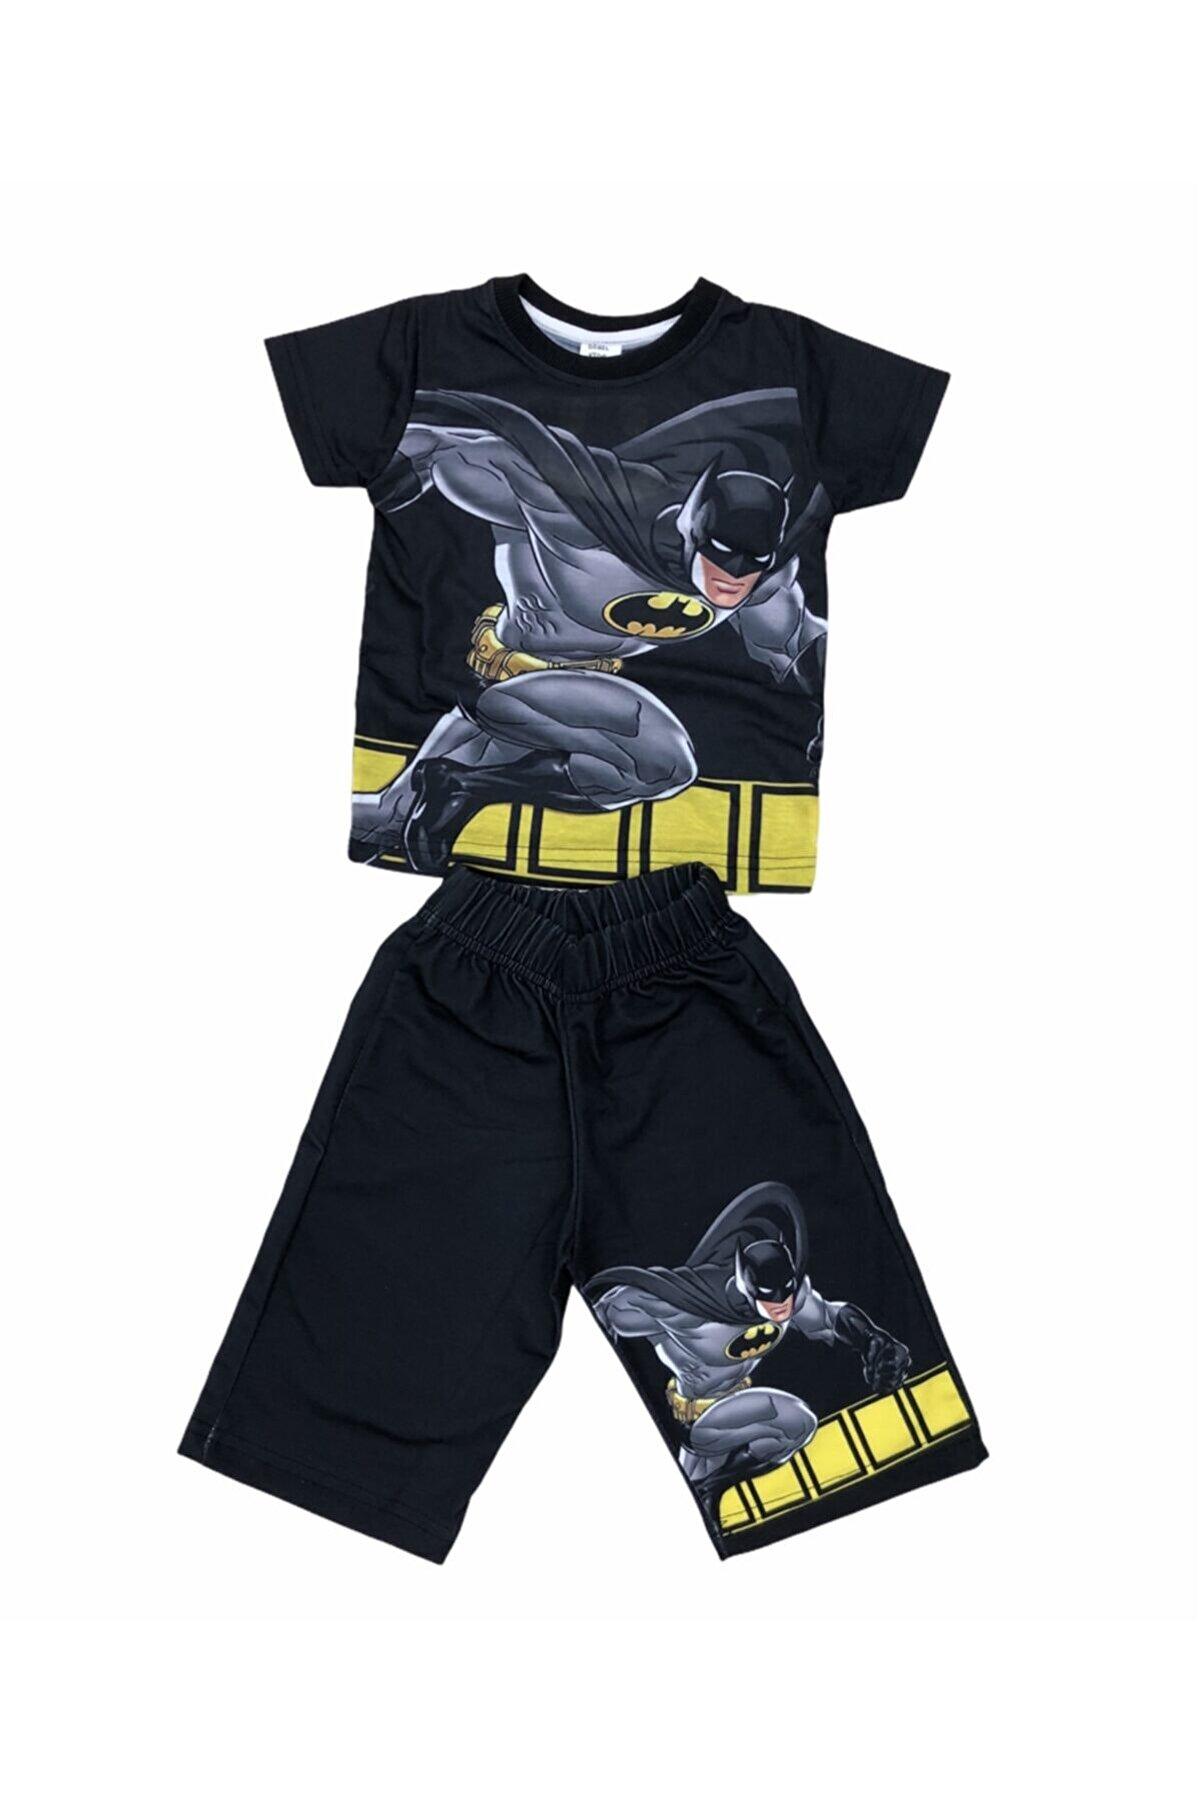 Dıgıl Kids Erkek Çocuk Siyah Batman Alt Üst Takım